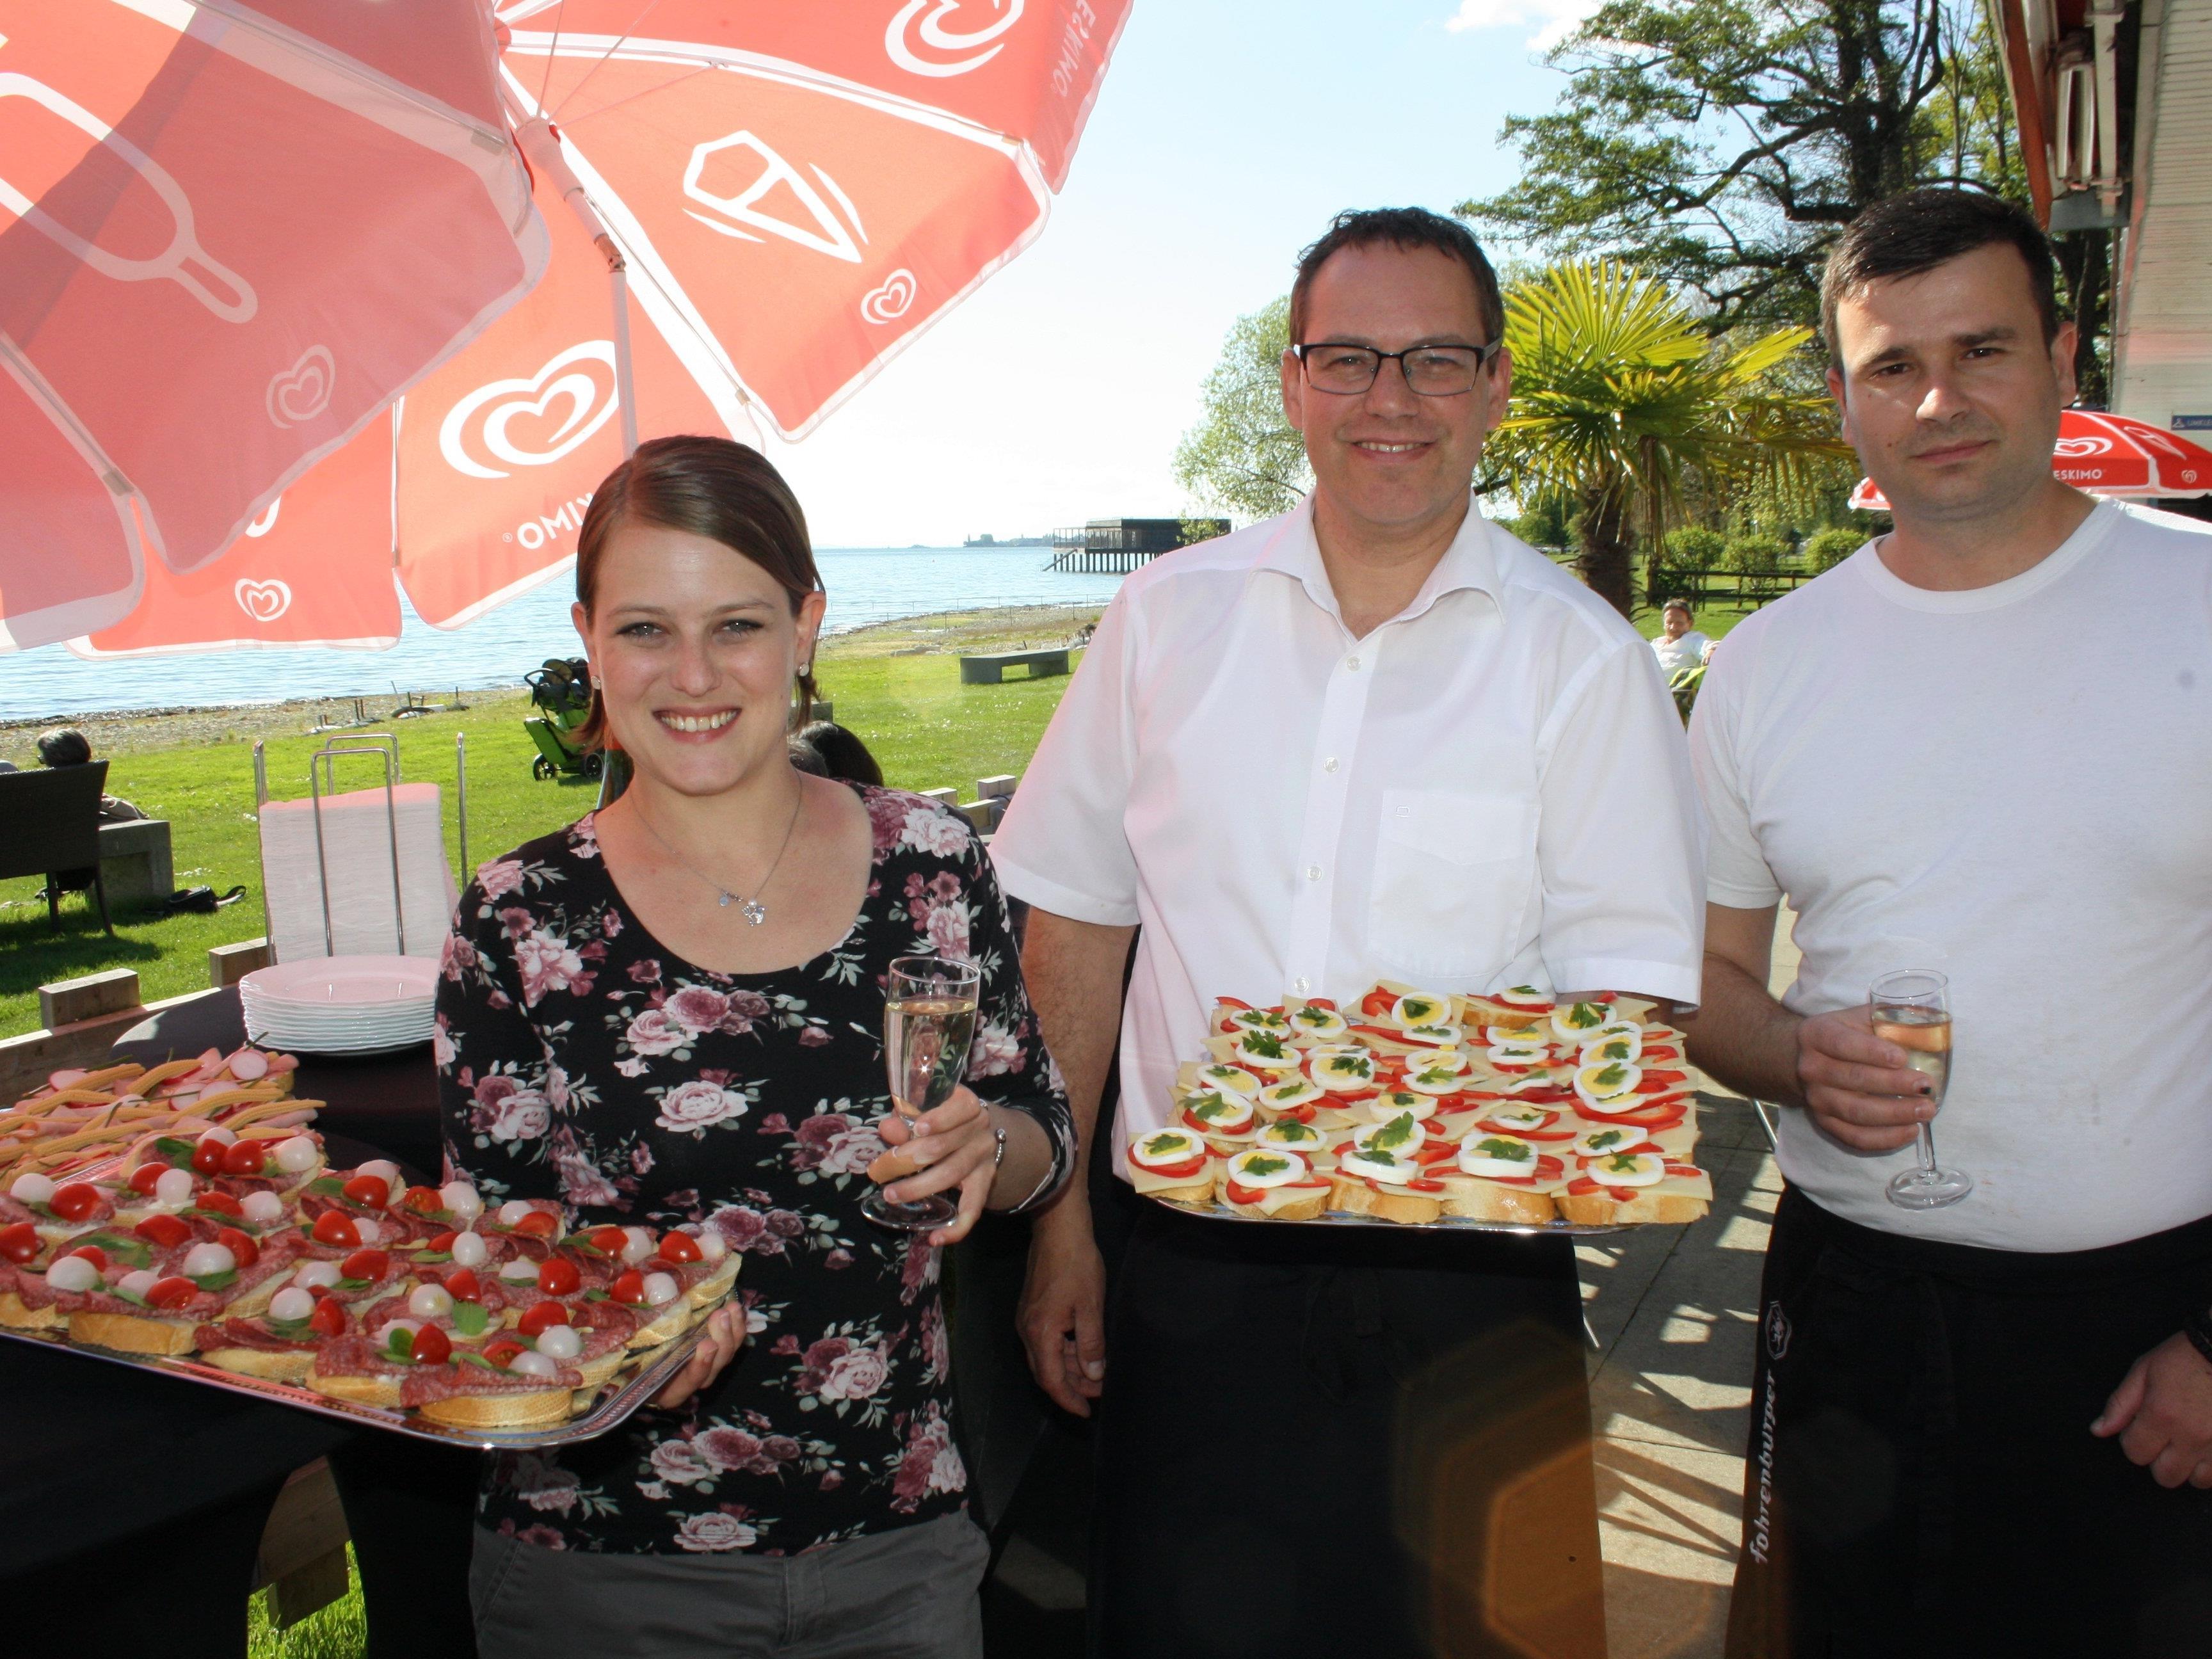 """Der neue Geschäftsführer im """"Treff am See"""" Markus Großer (Mitte) mit Edith an der Theke und Koch Goran freuen sich auf eine schöne und genussreiche Sommersaison."""